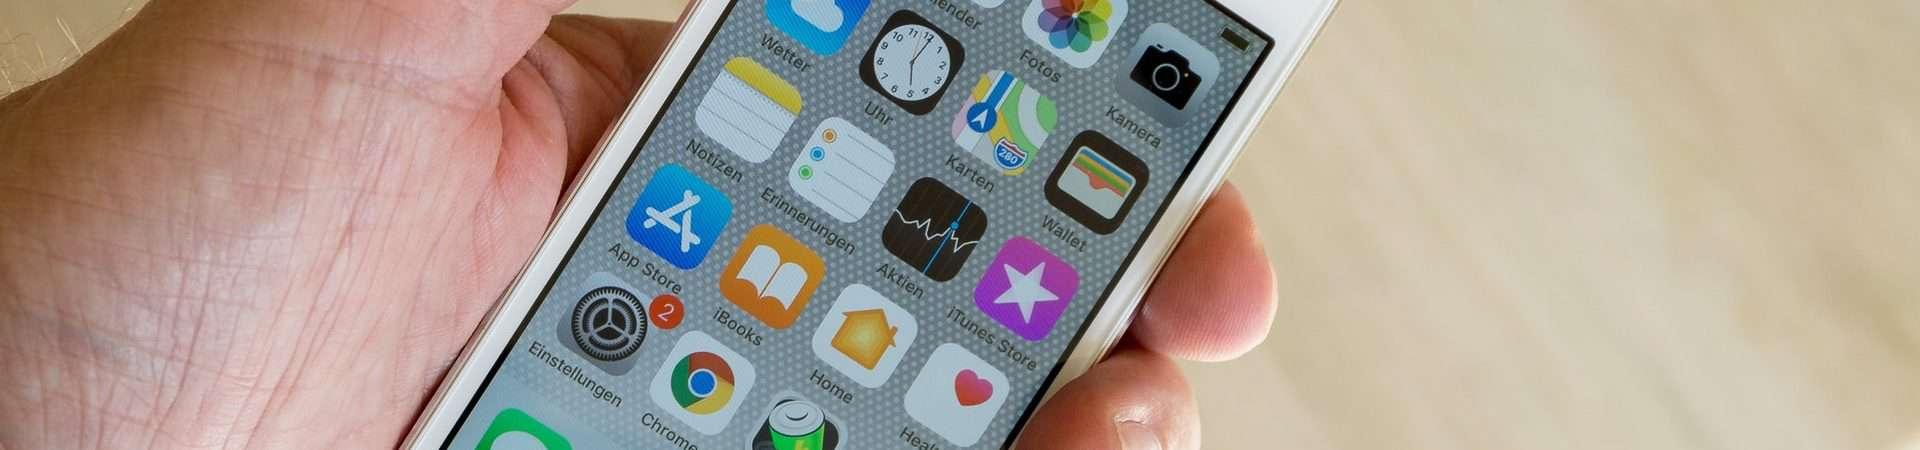 Apple libera atualização de segurança para iOS 12. Imagem: Michael Weidemann/Unsplash